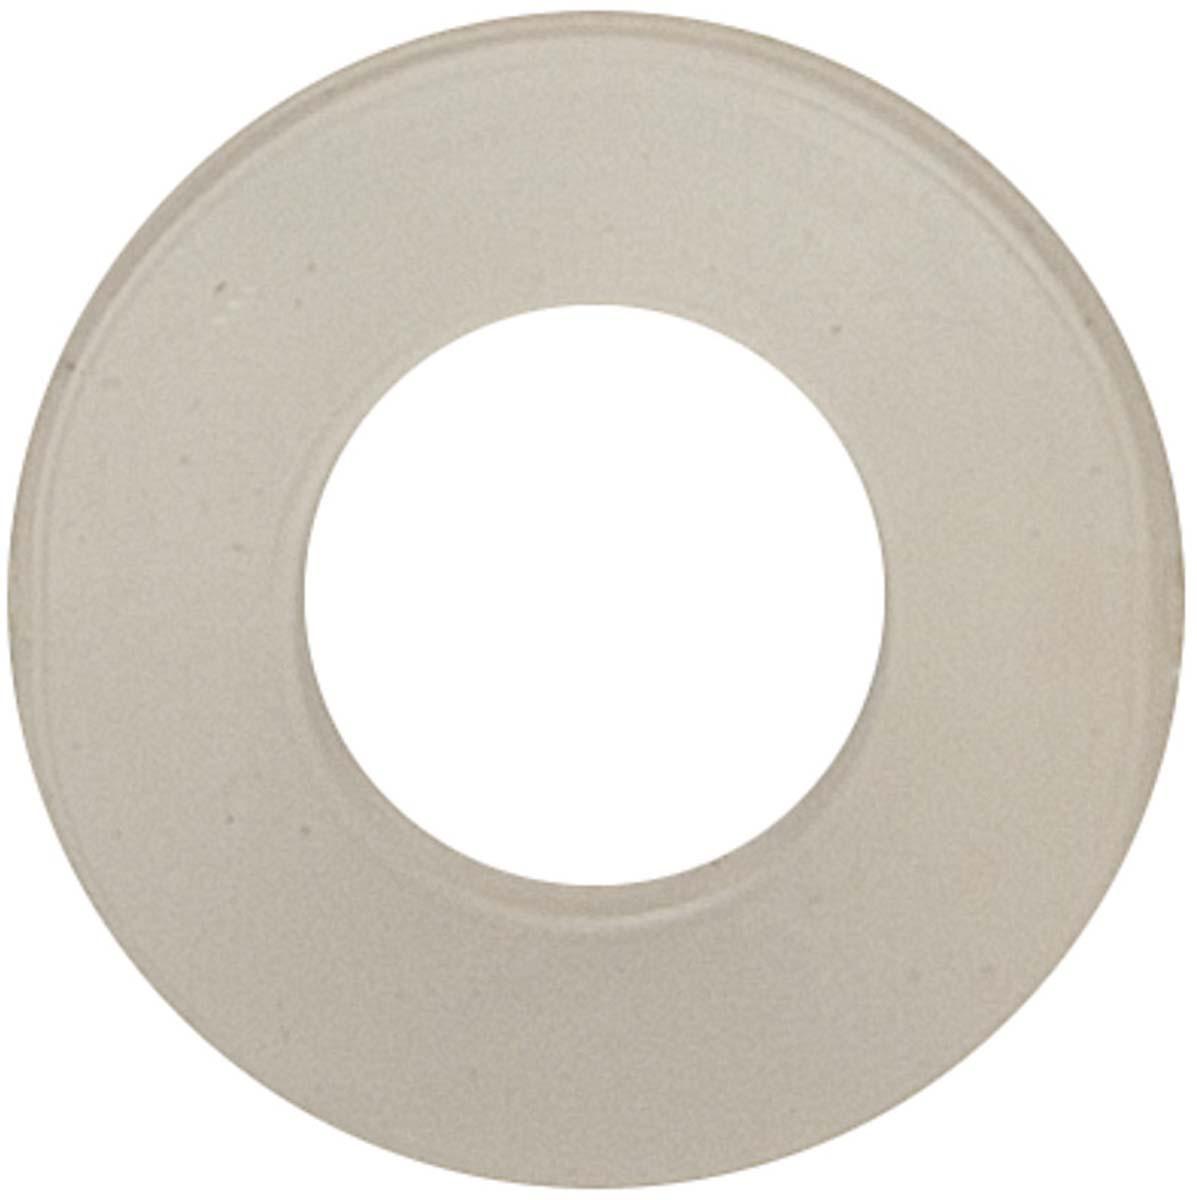 Прокладка силиконовая MasterProf, 1/2, 100 шт, MP-пакет прокладка силиконовая masterprof 1 2 100 шт mp пакет